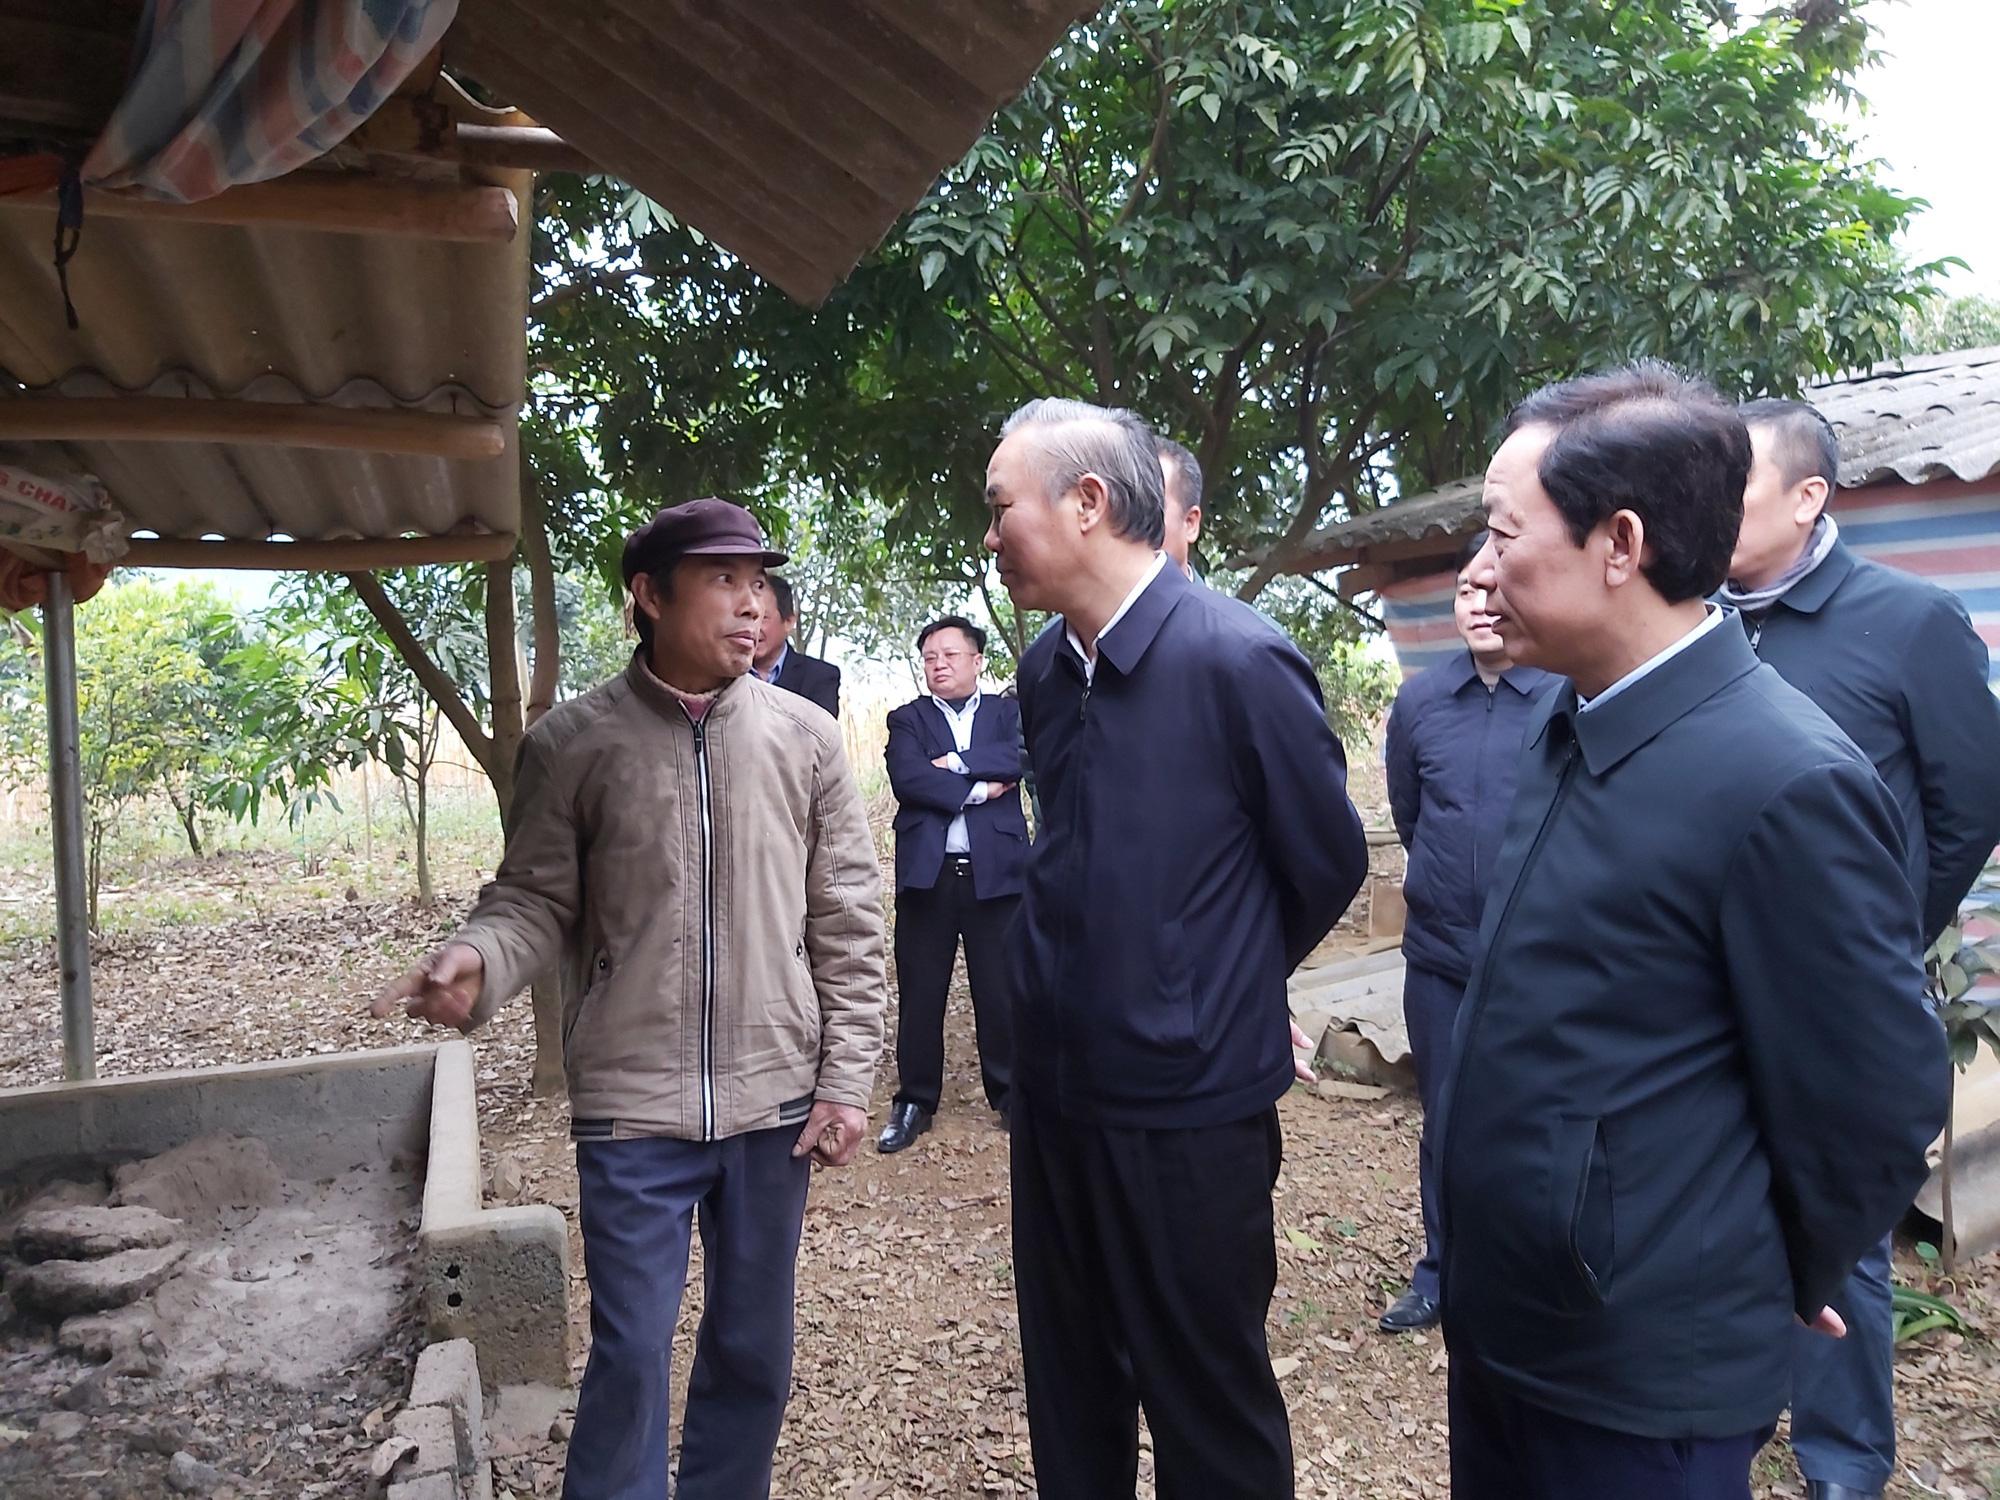 Chủ động phòng, chống đói rét cho đàn gia súc, Hà Giang giảm thiểu tối đa thiệt hại - Ảnh 3.